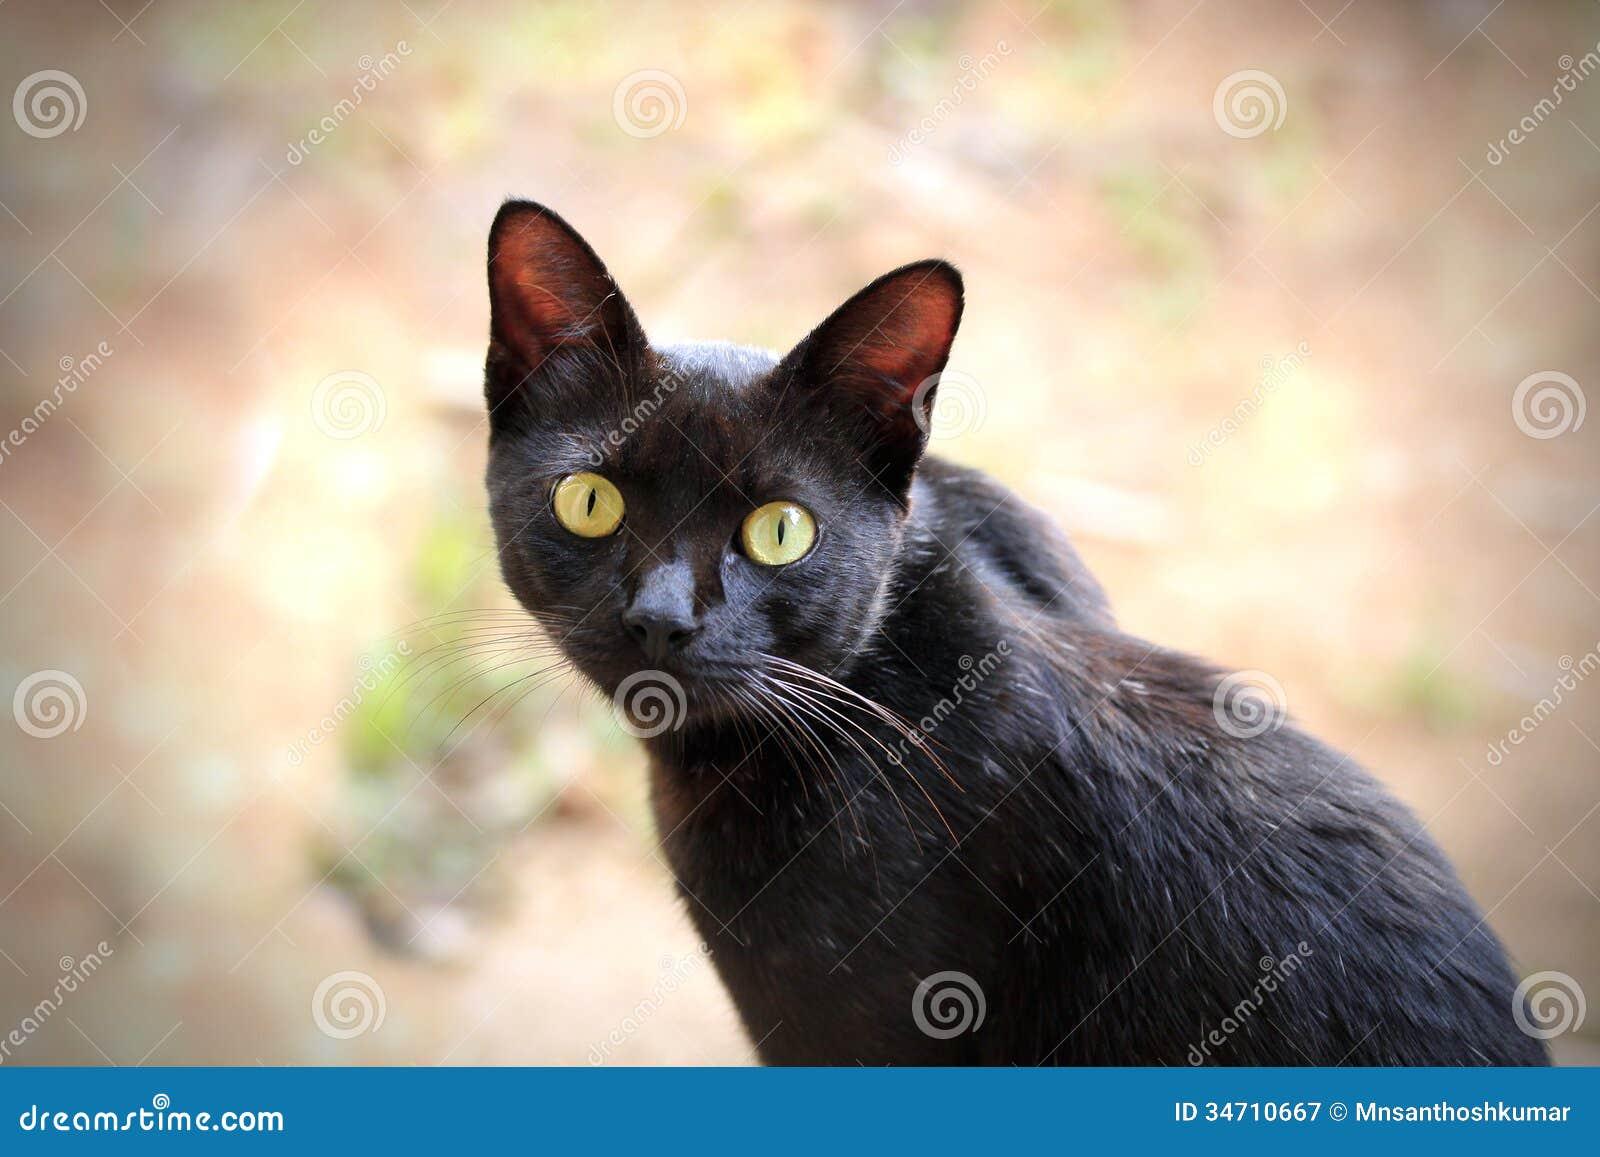 Gato negro hermoso con mirar fijamente expresivo de los ojos pardos